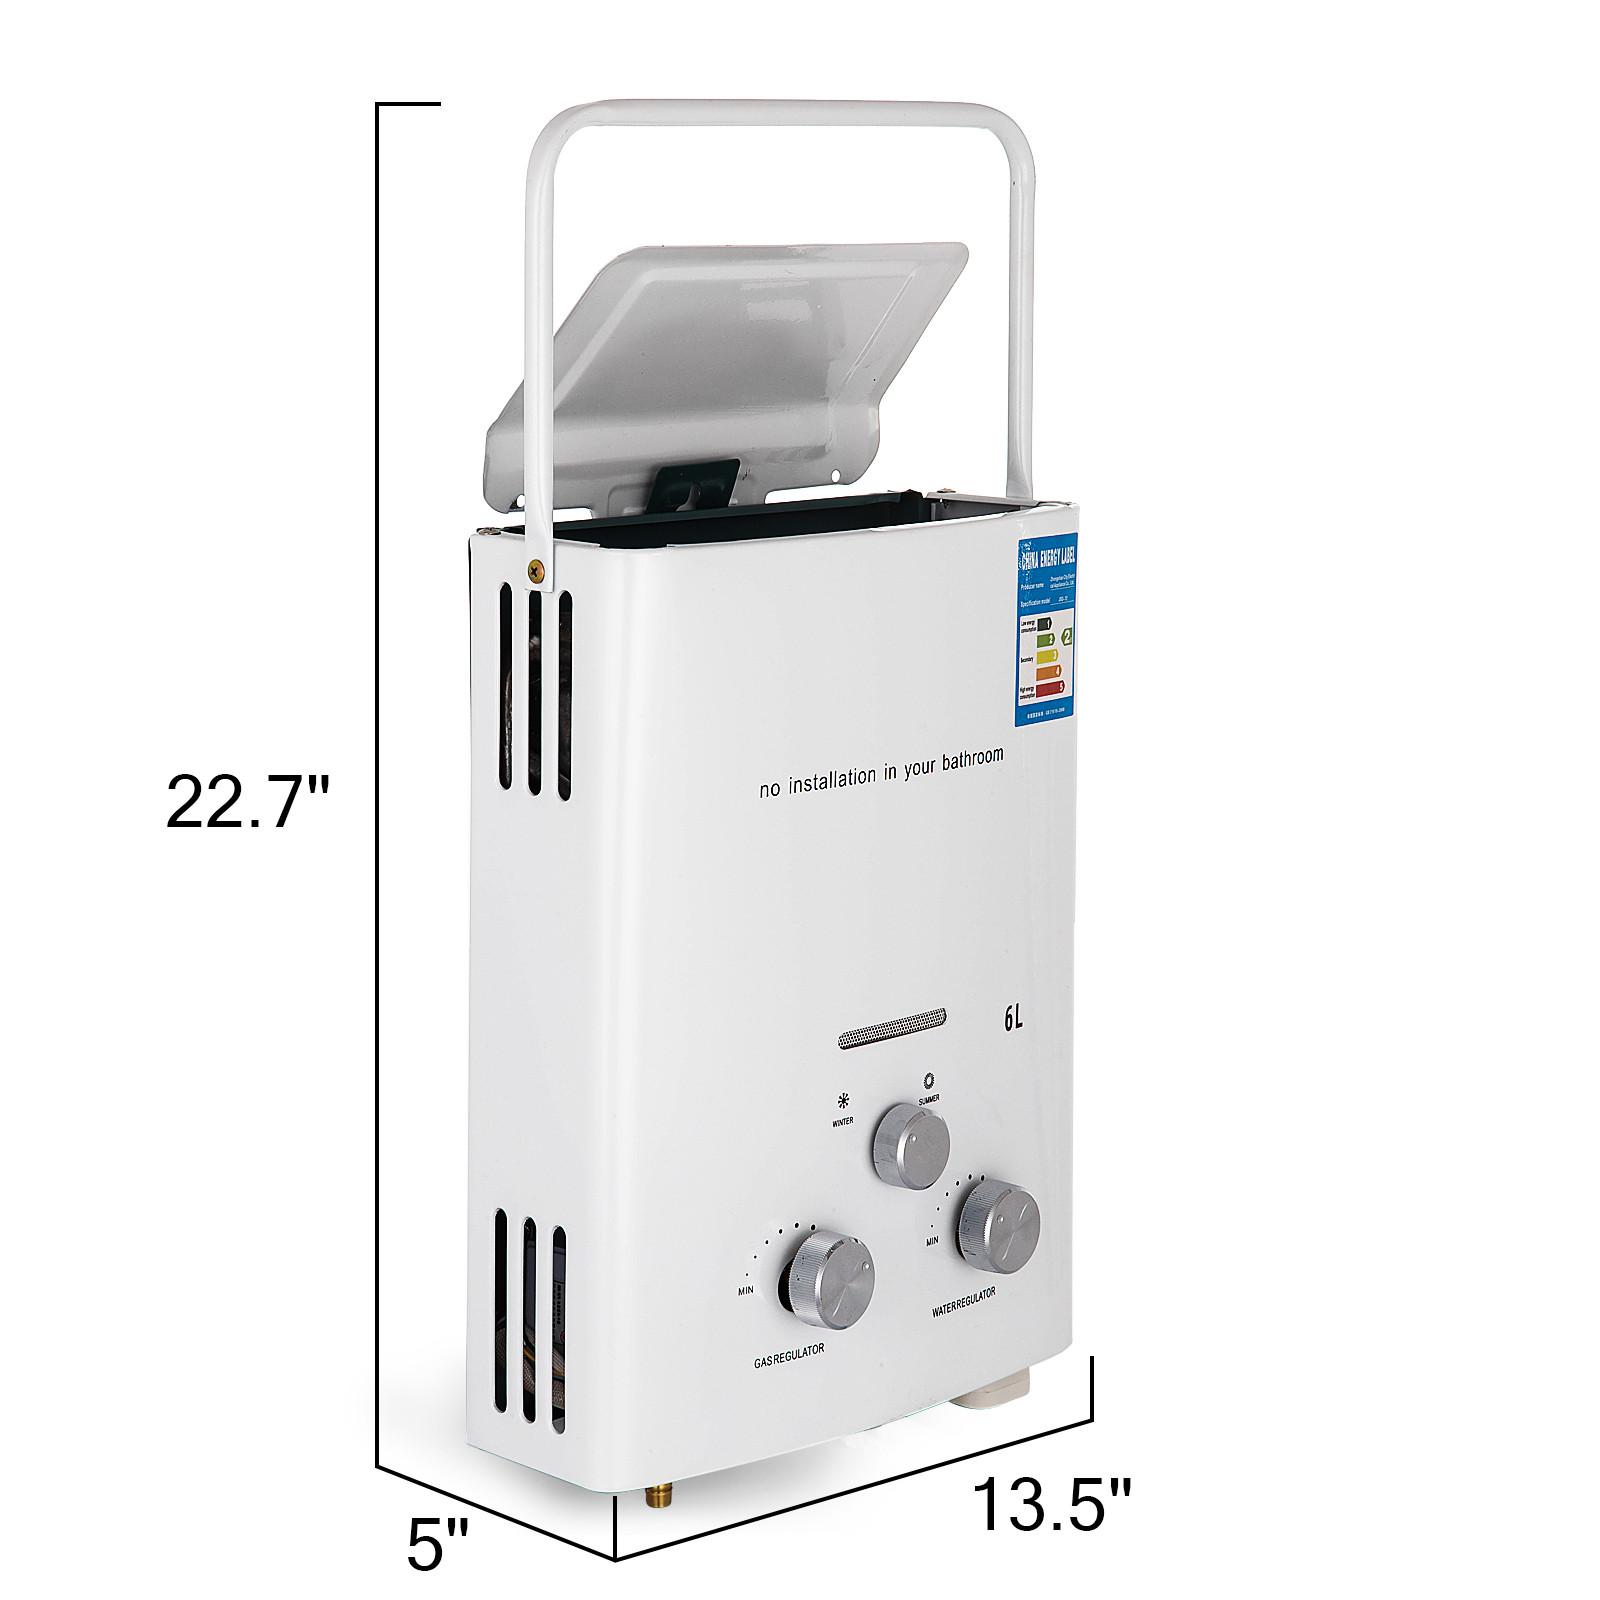 Propangas-Gas-Durchlauferhitzer-Warmwasserbereiter-Boiler-Warmwasserspeicher Indexbild 14